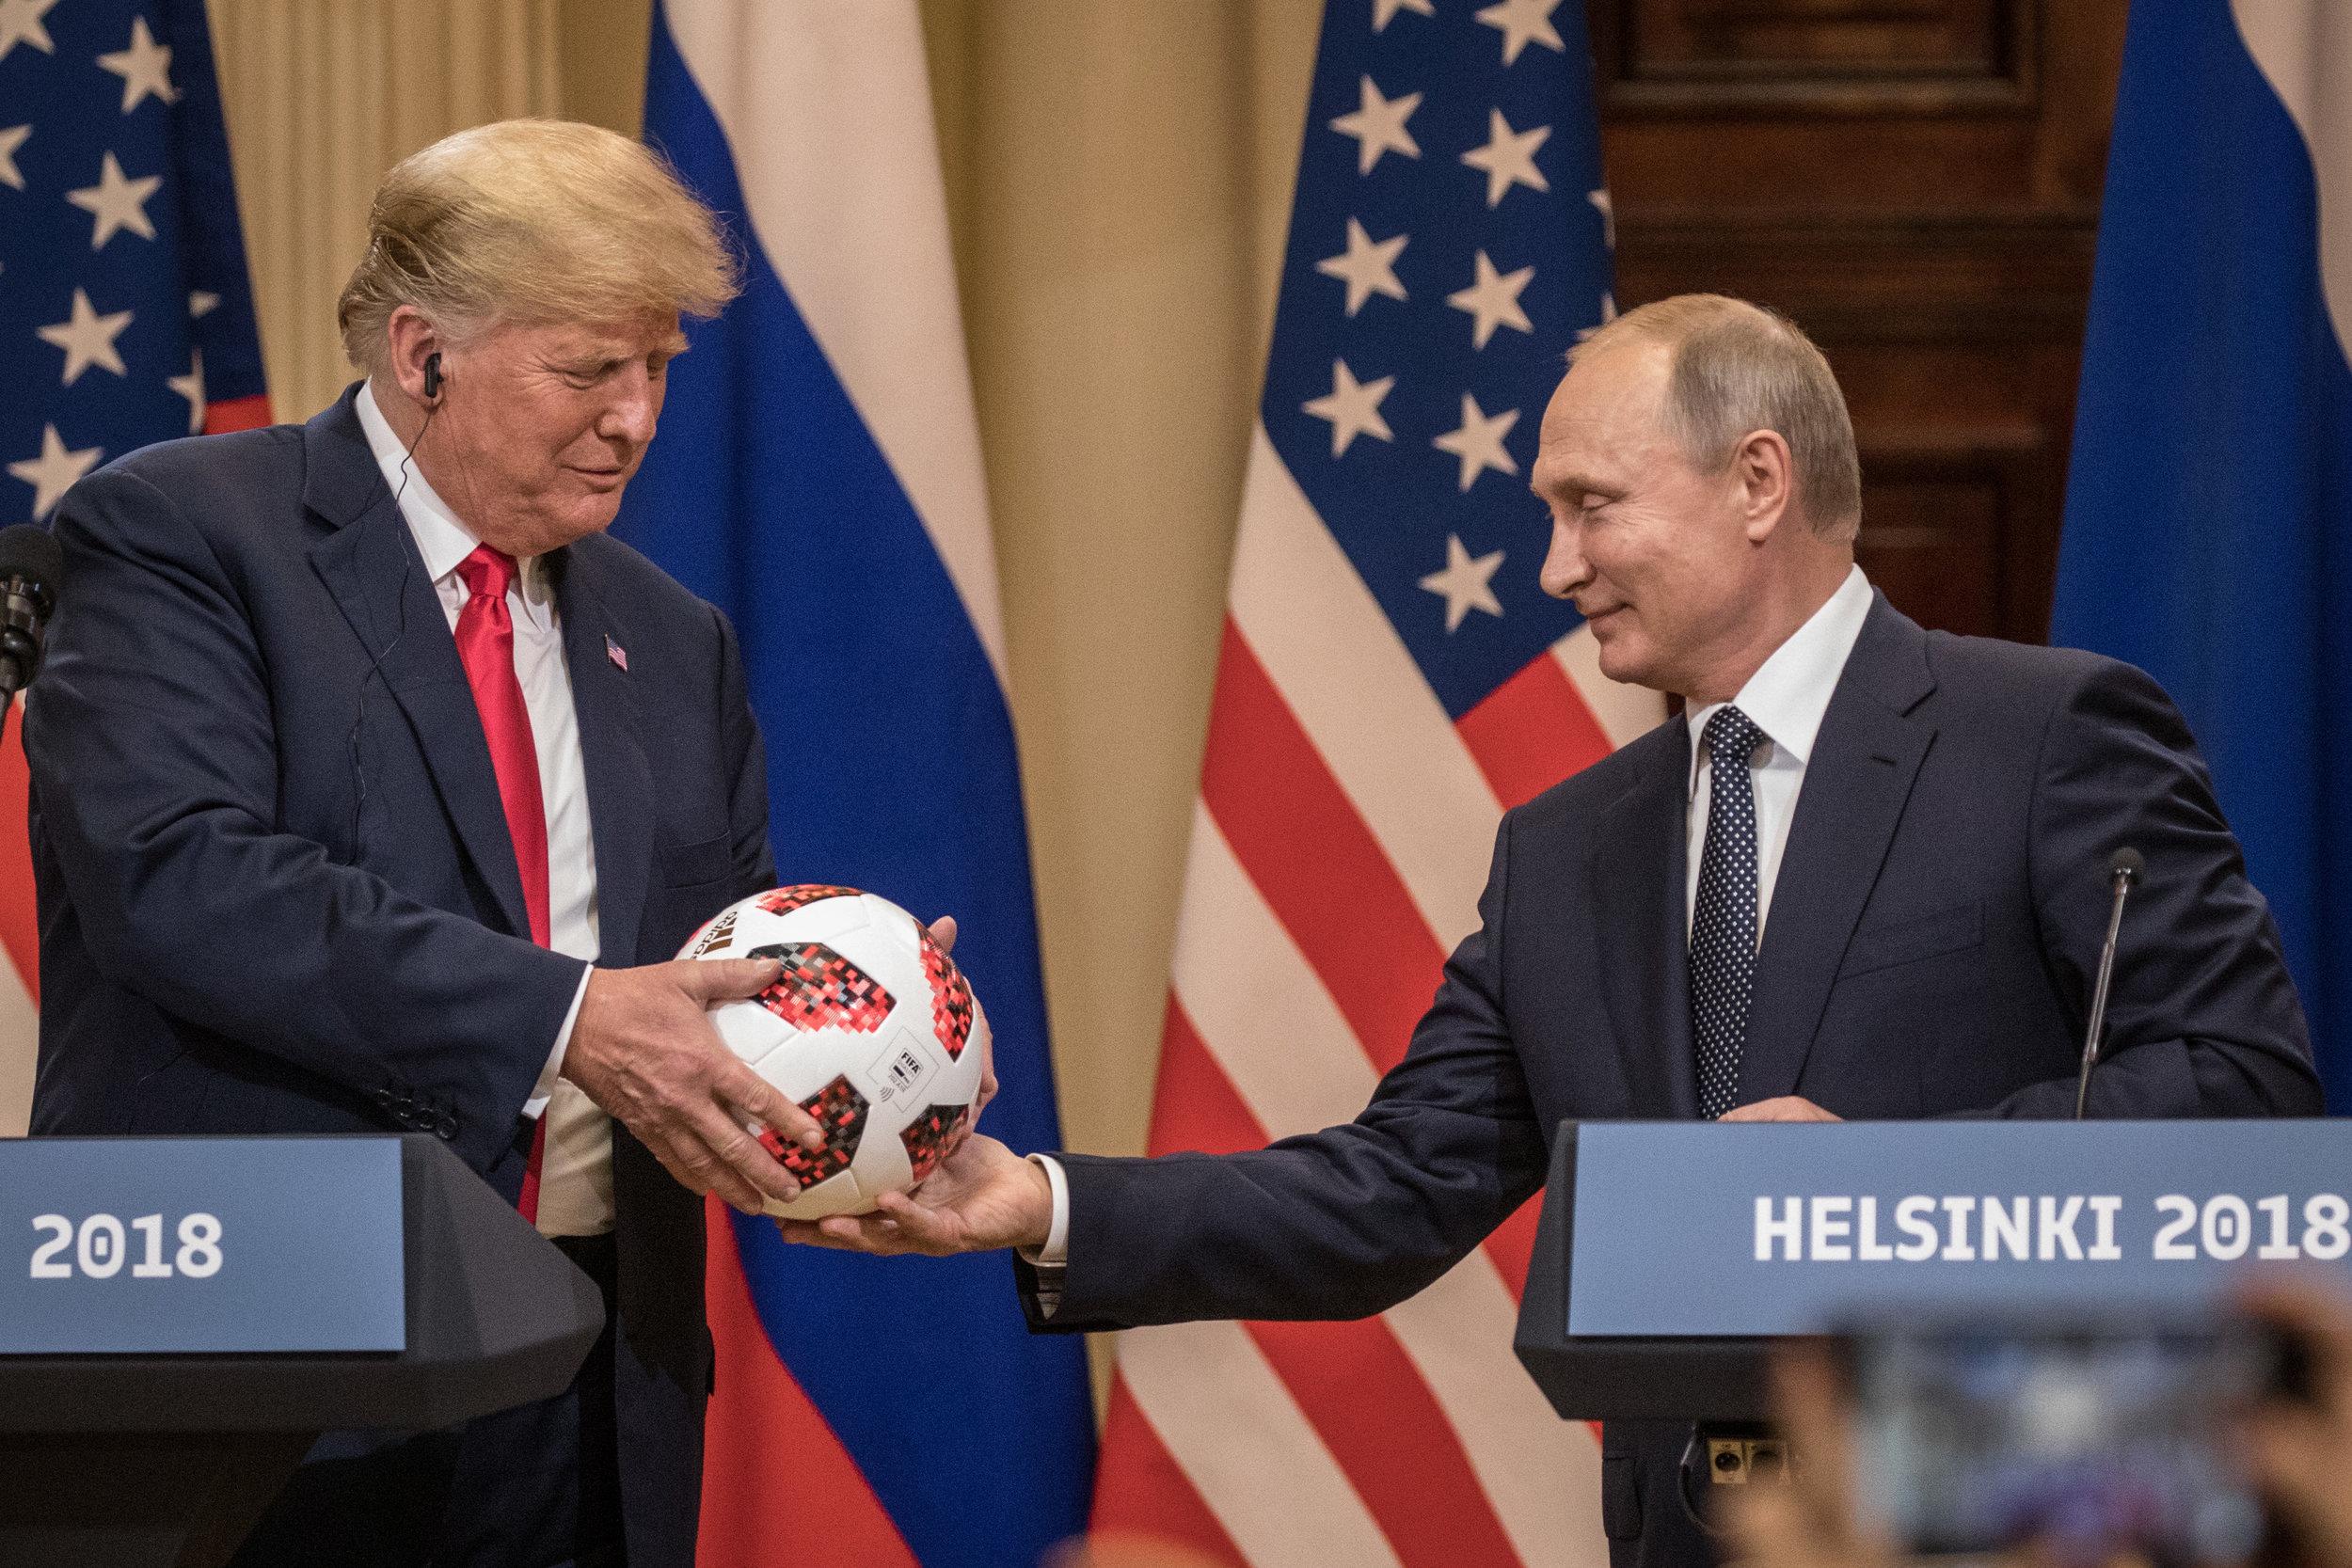 Den er jo rund... Topmøde i Helsinki mellem Donald Trump og Vladimir Putin i den forløbne uge. Foto: Getty Images